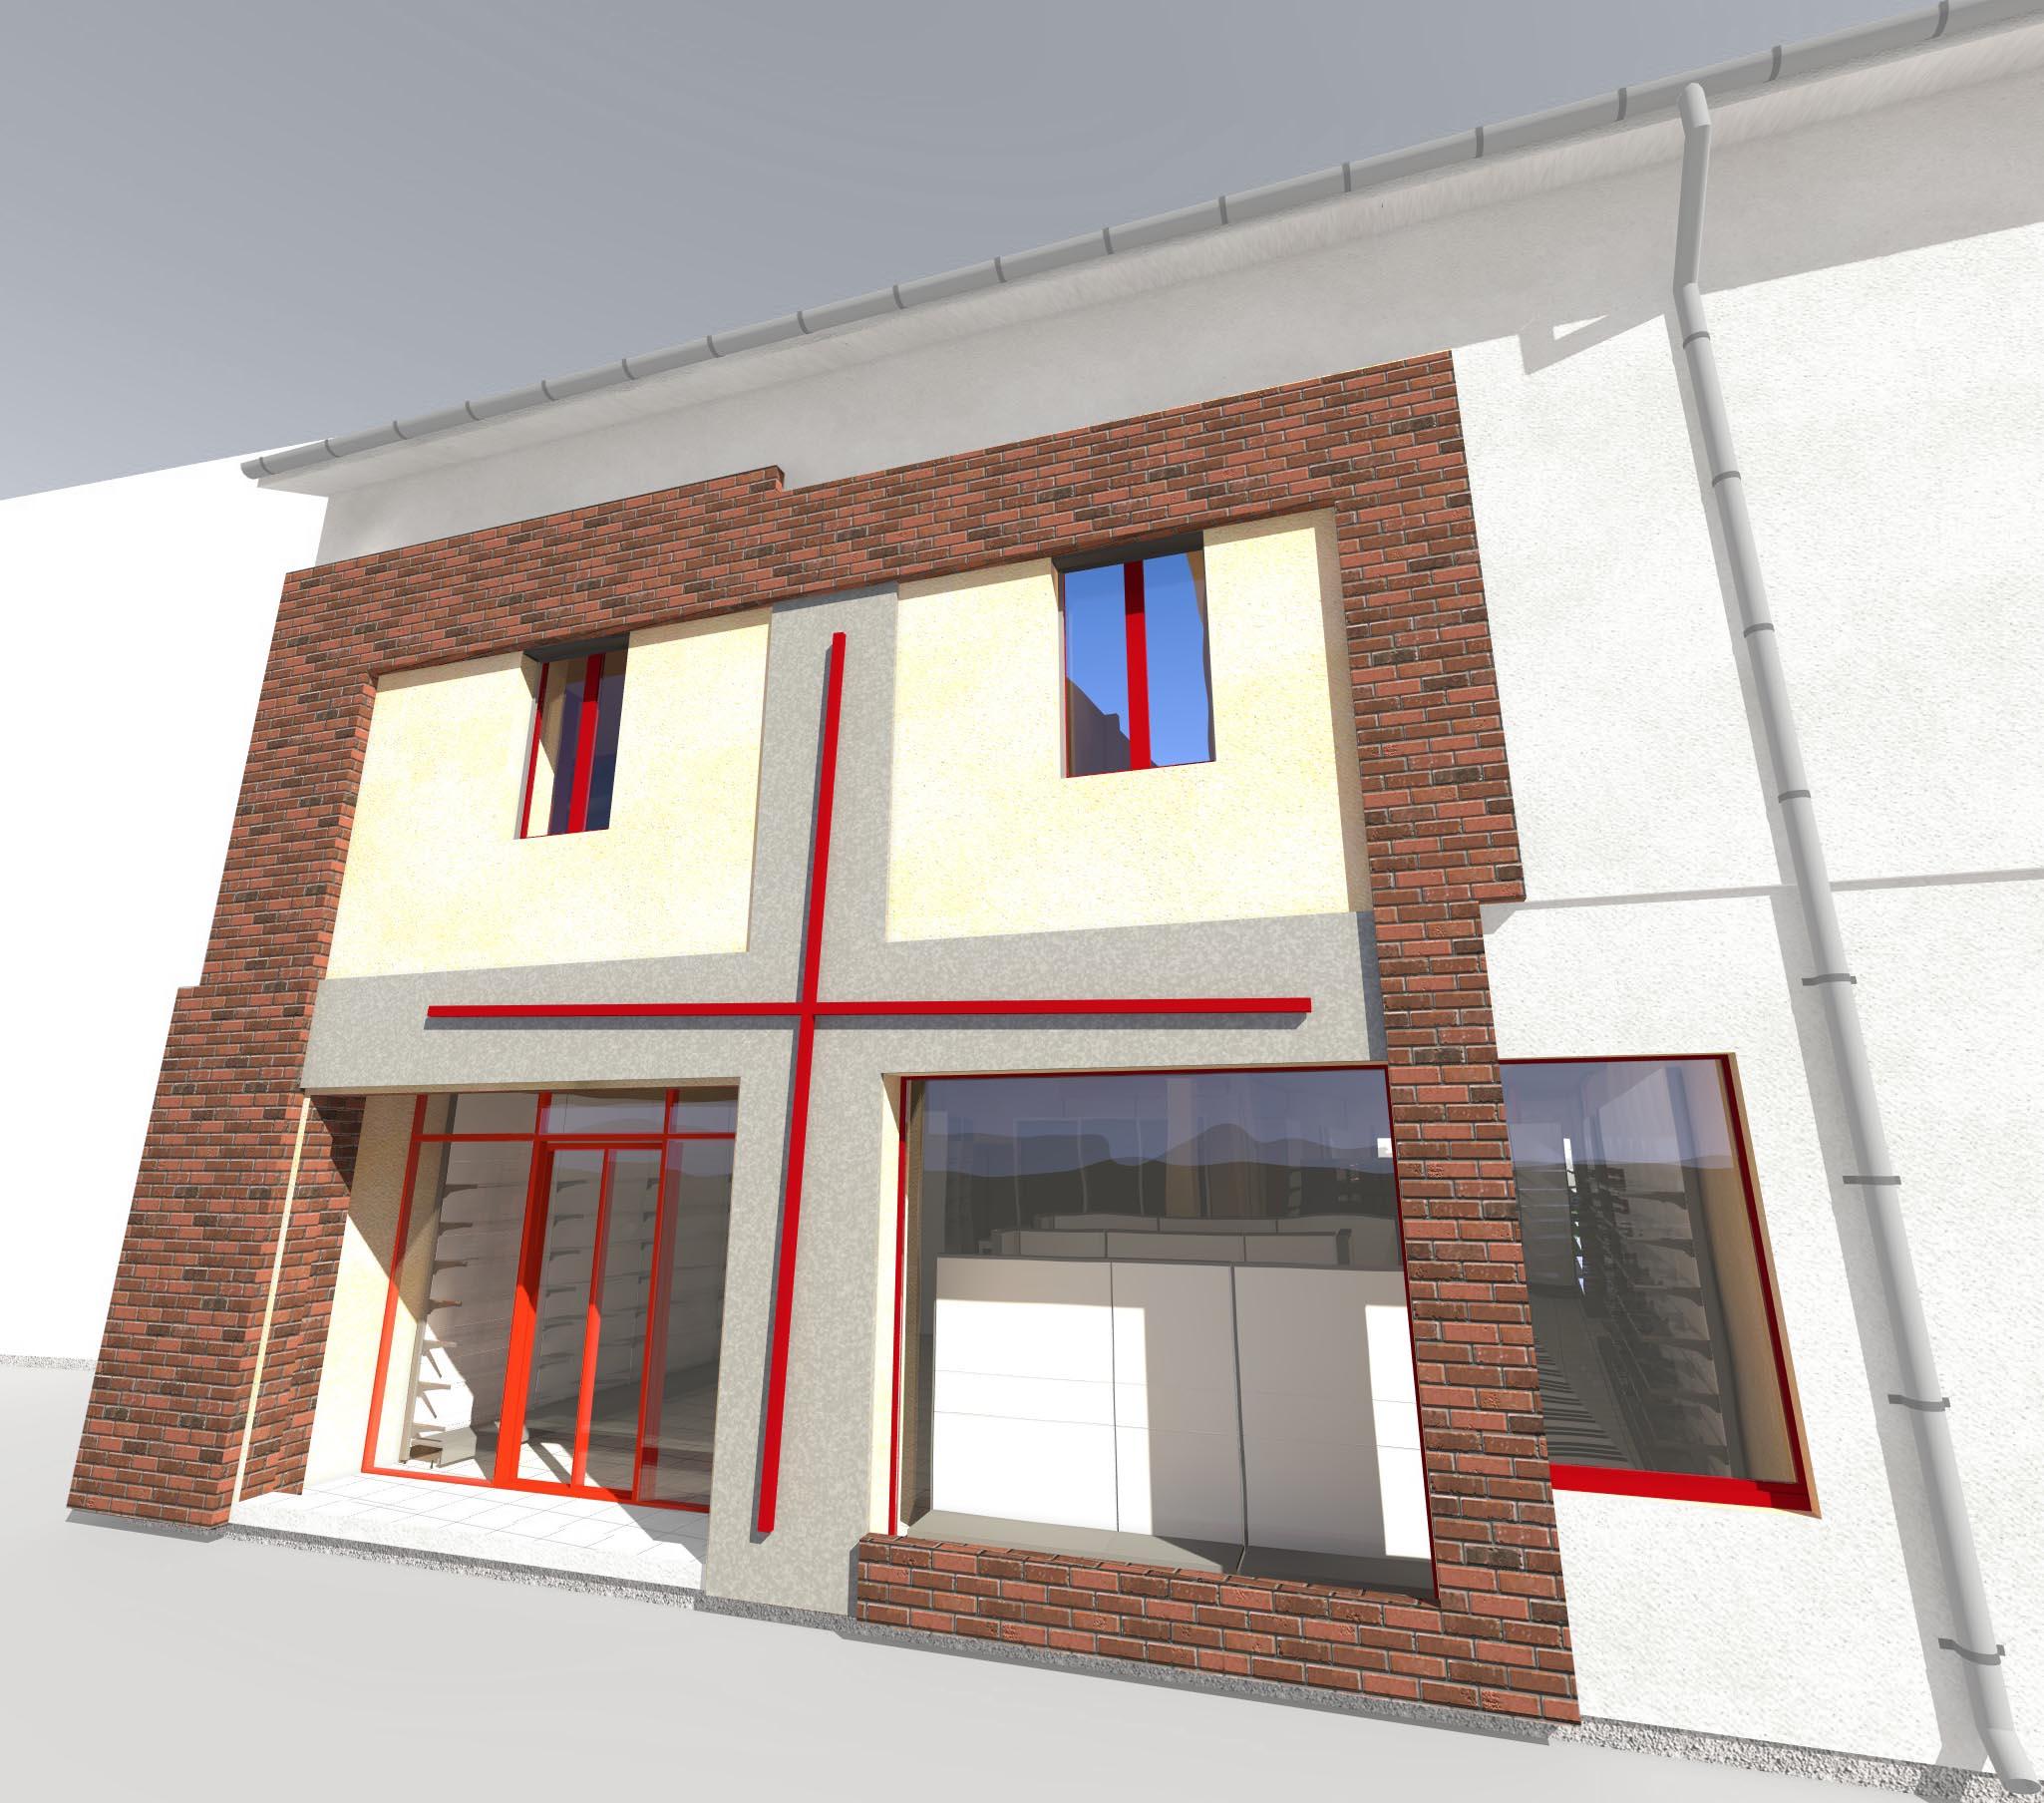 Architecture commerciale archiloft for Architecture commerciale definition